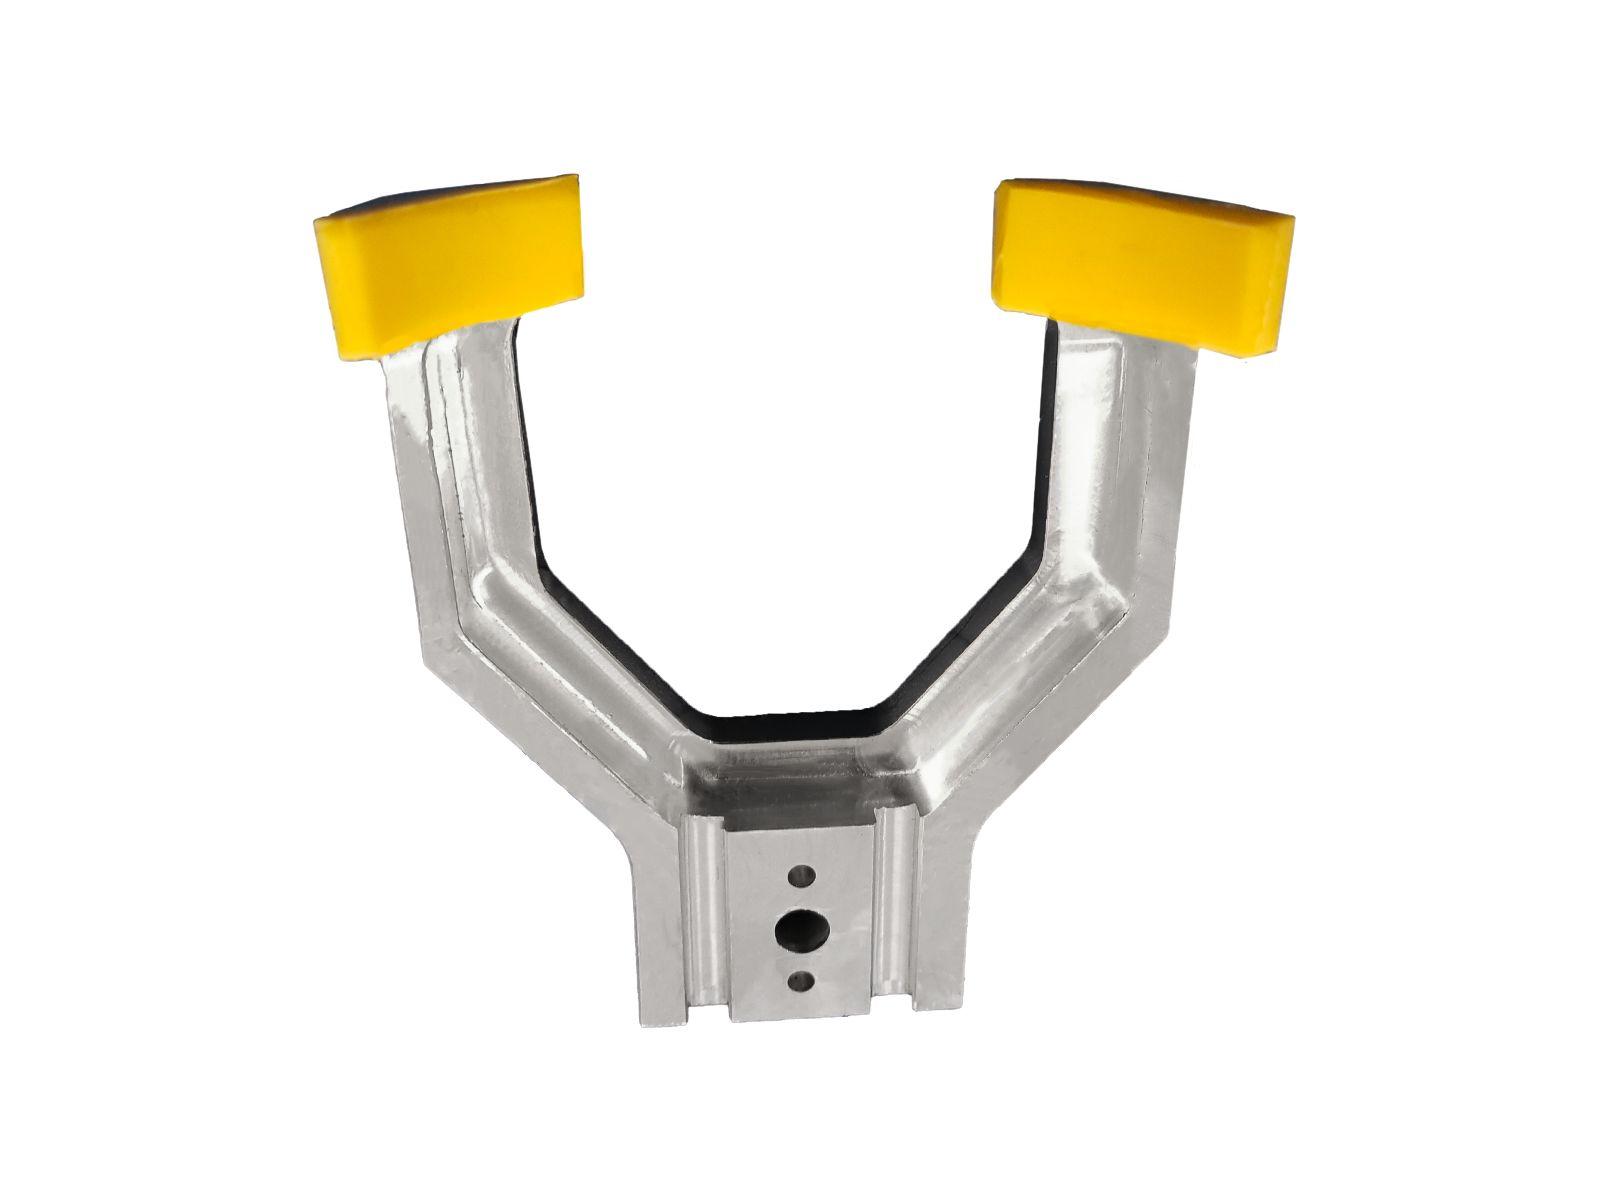 Componente in alluminio con terminali in gomma siliconica per pinza di prelievo prodotto nel settore packaging